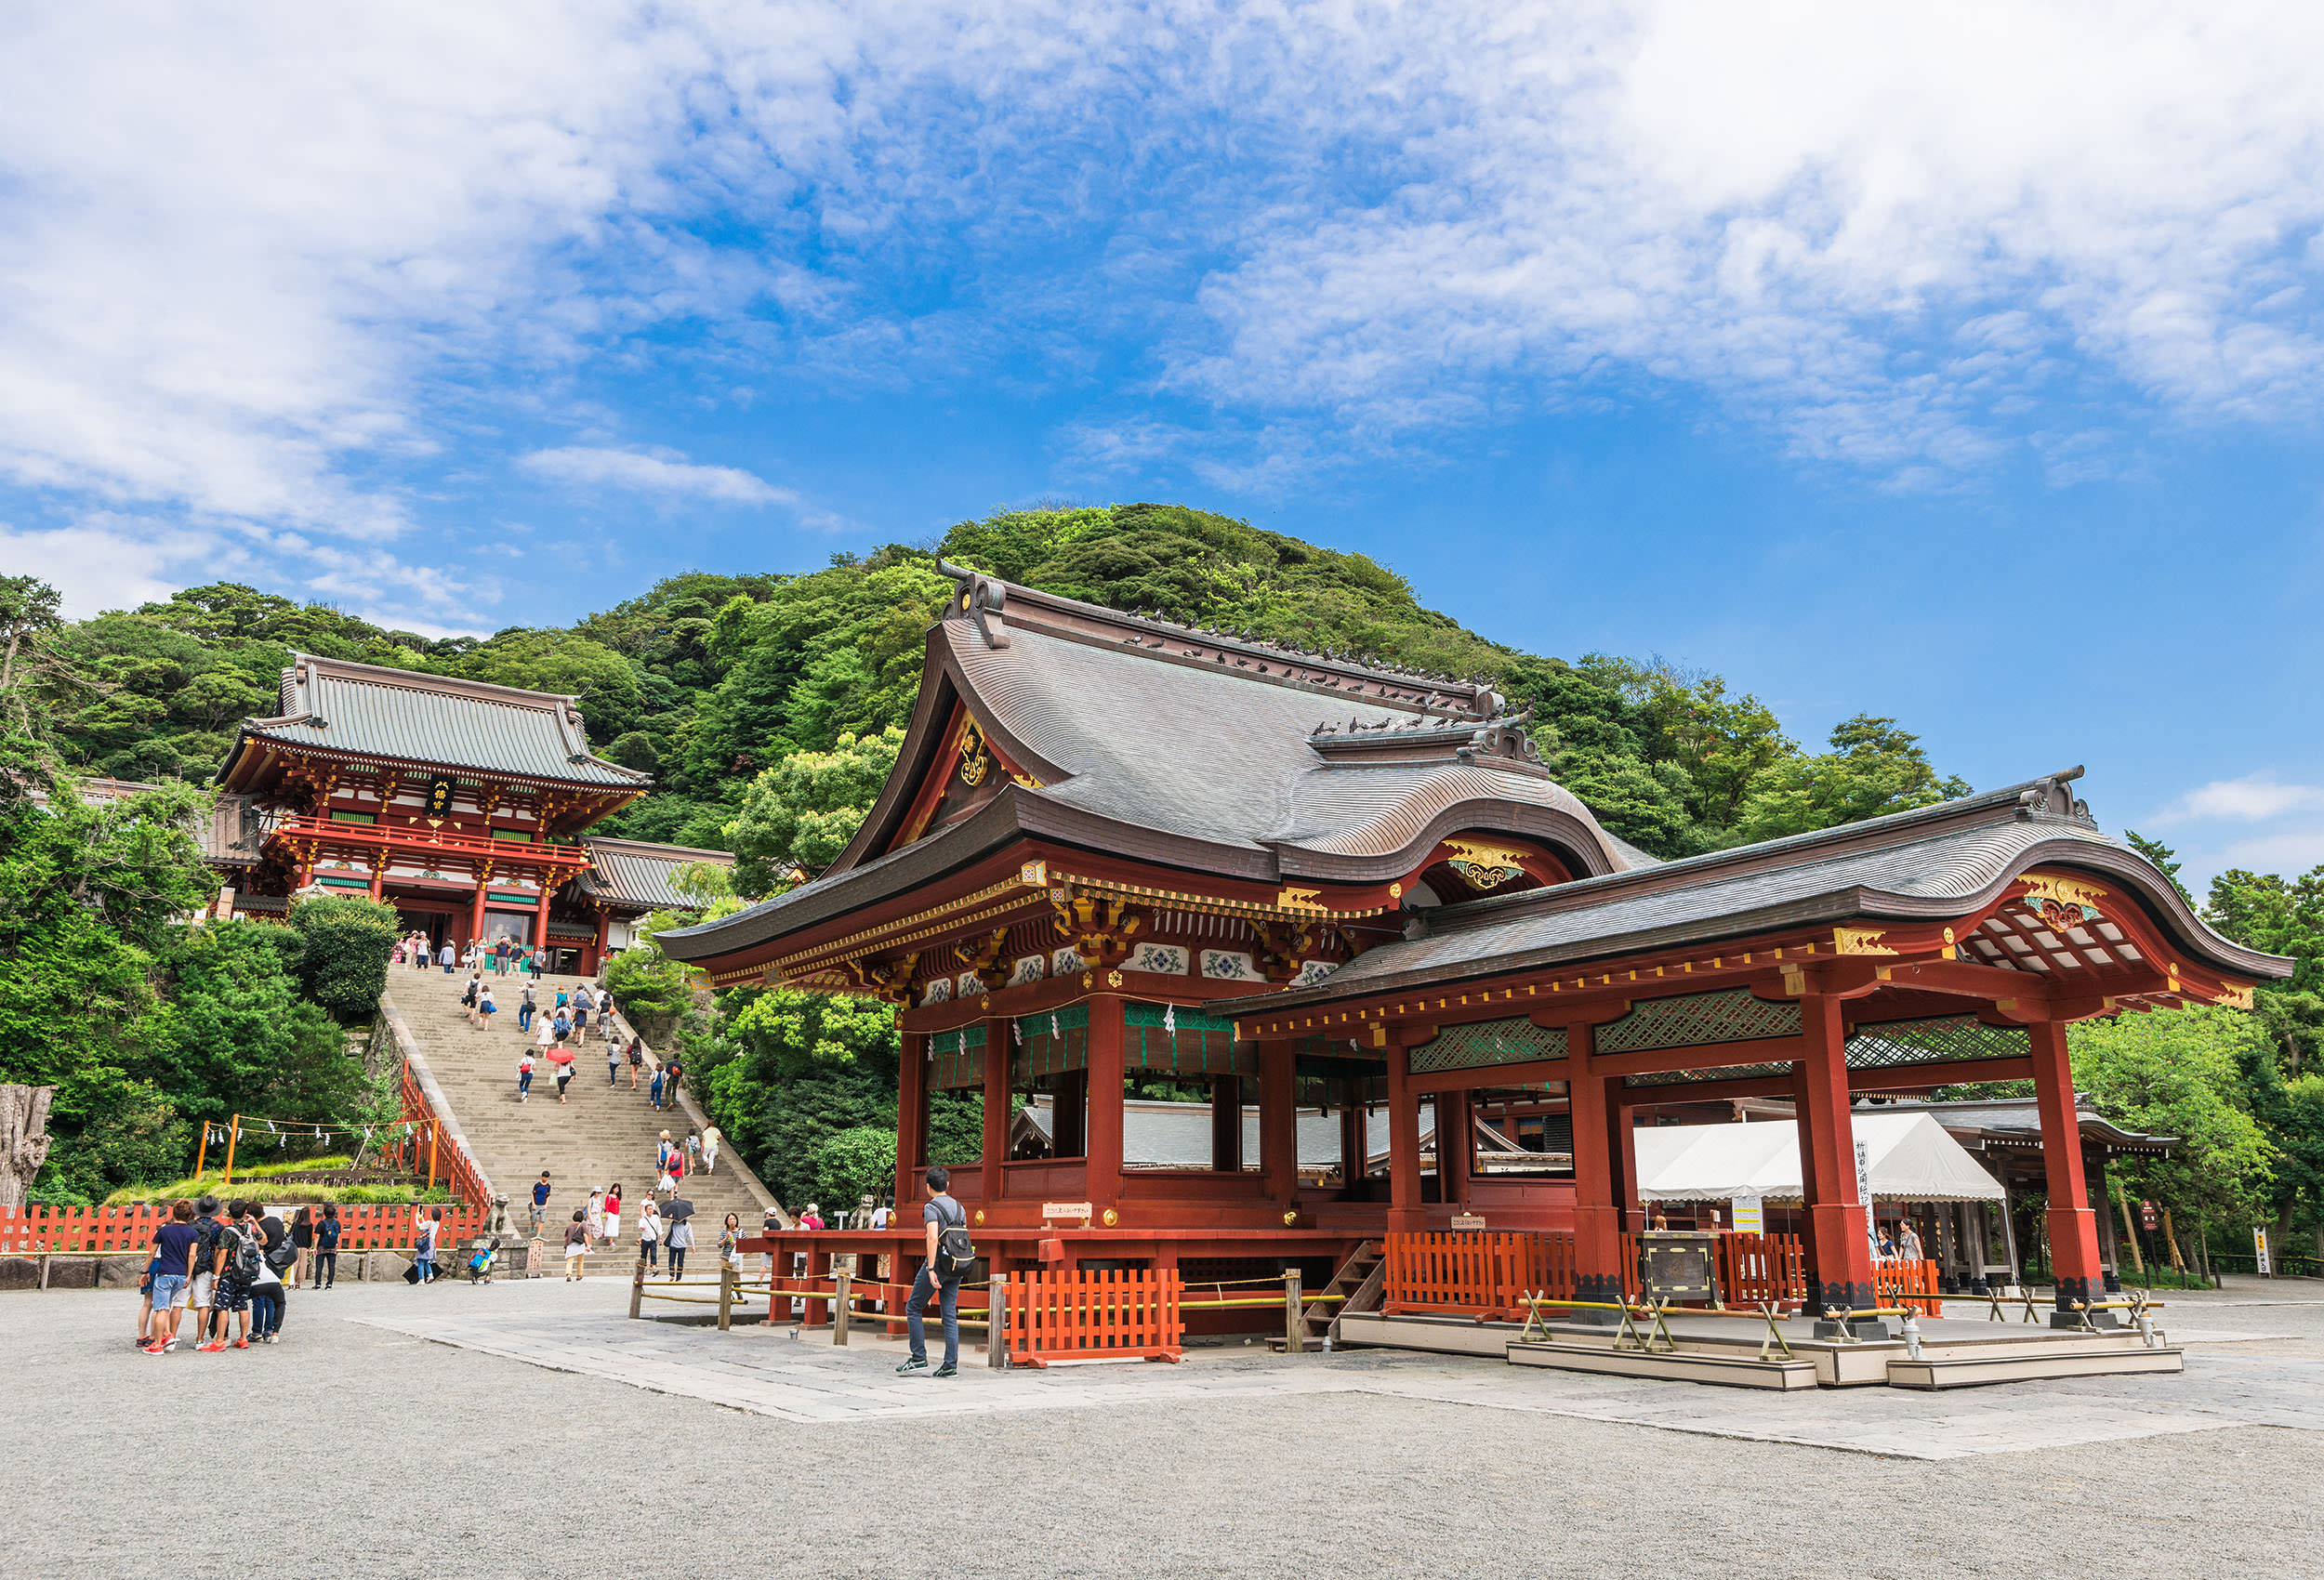 レンタル撮影スタジオのエリア: 鎌倉・稲村ガ崎・葉山